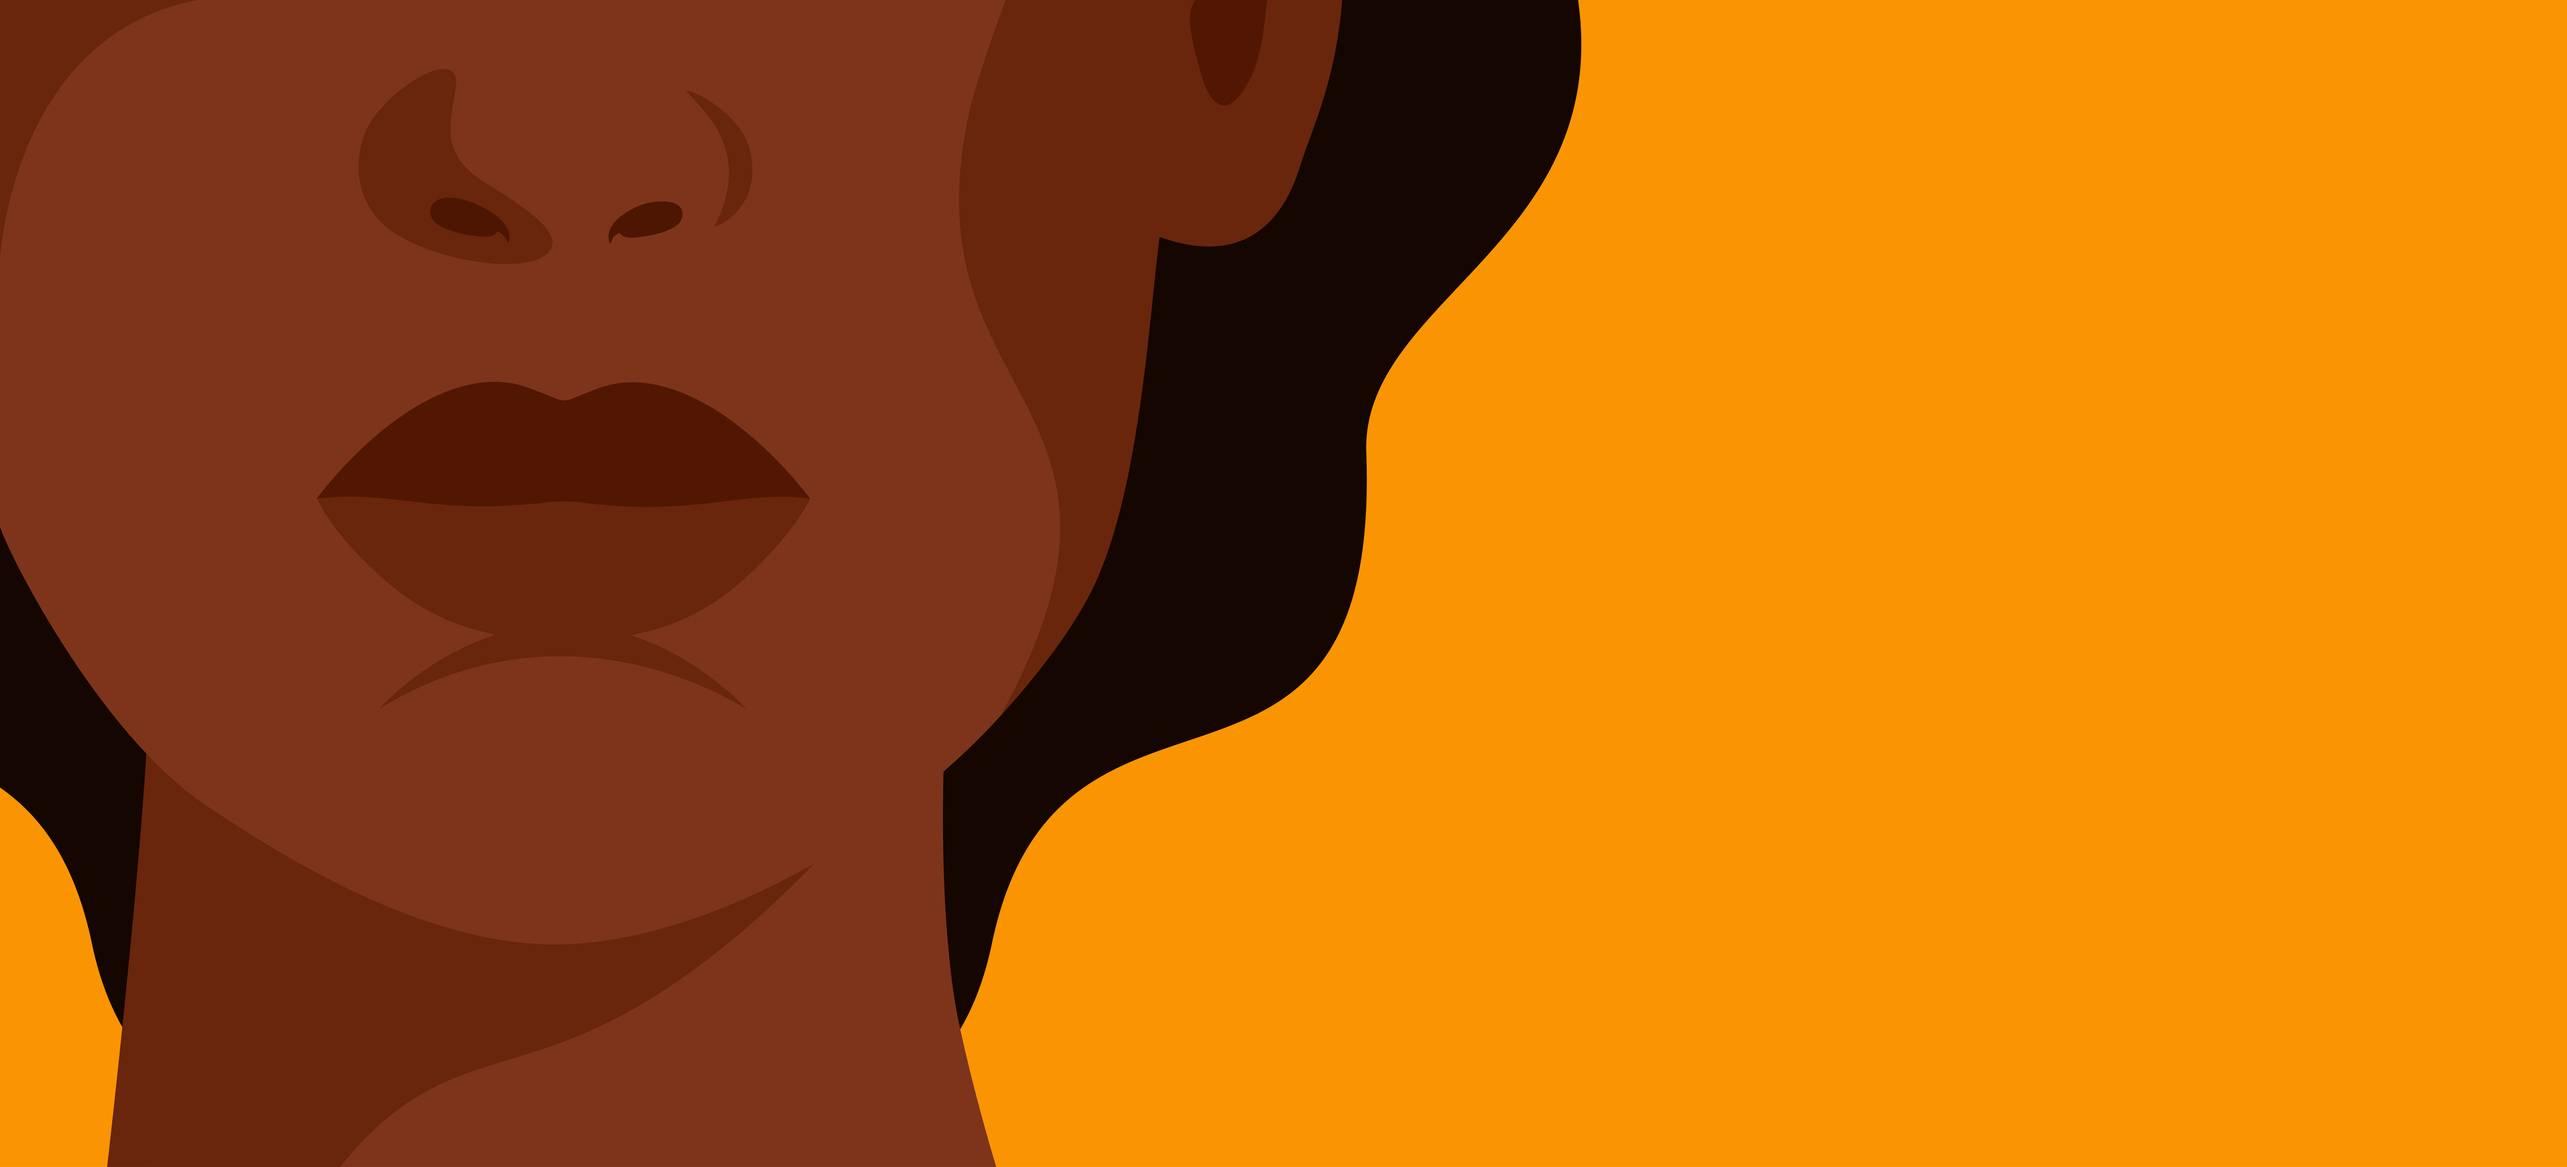 www.juicysantos.com.br - representatividade das mulheres negras na política